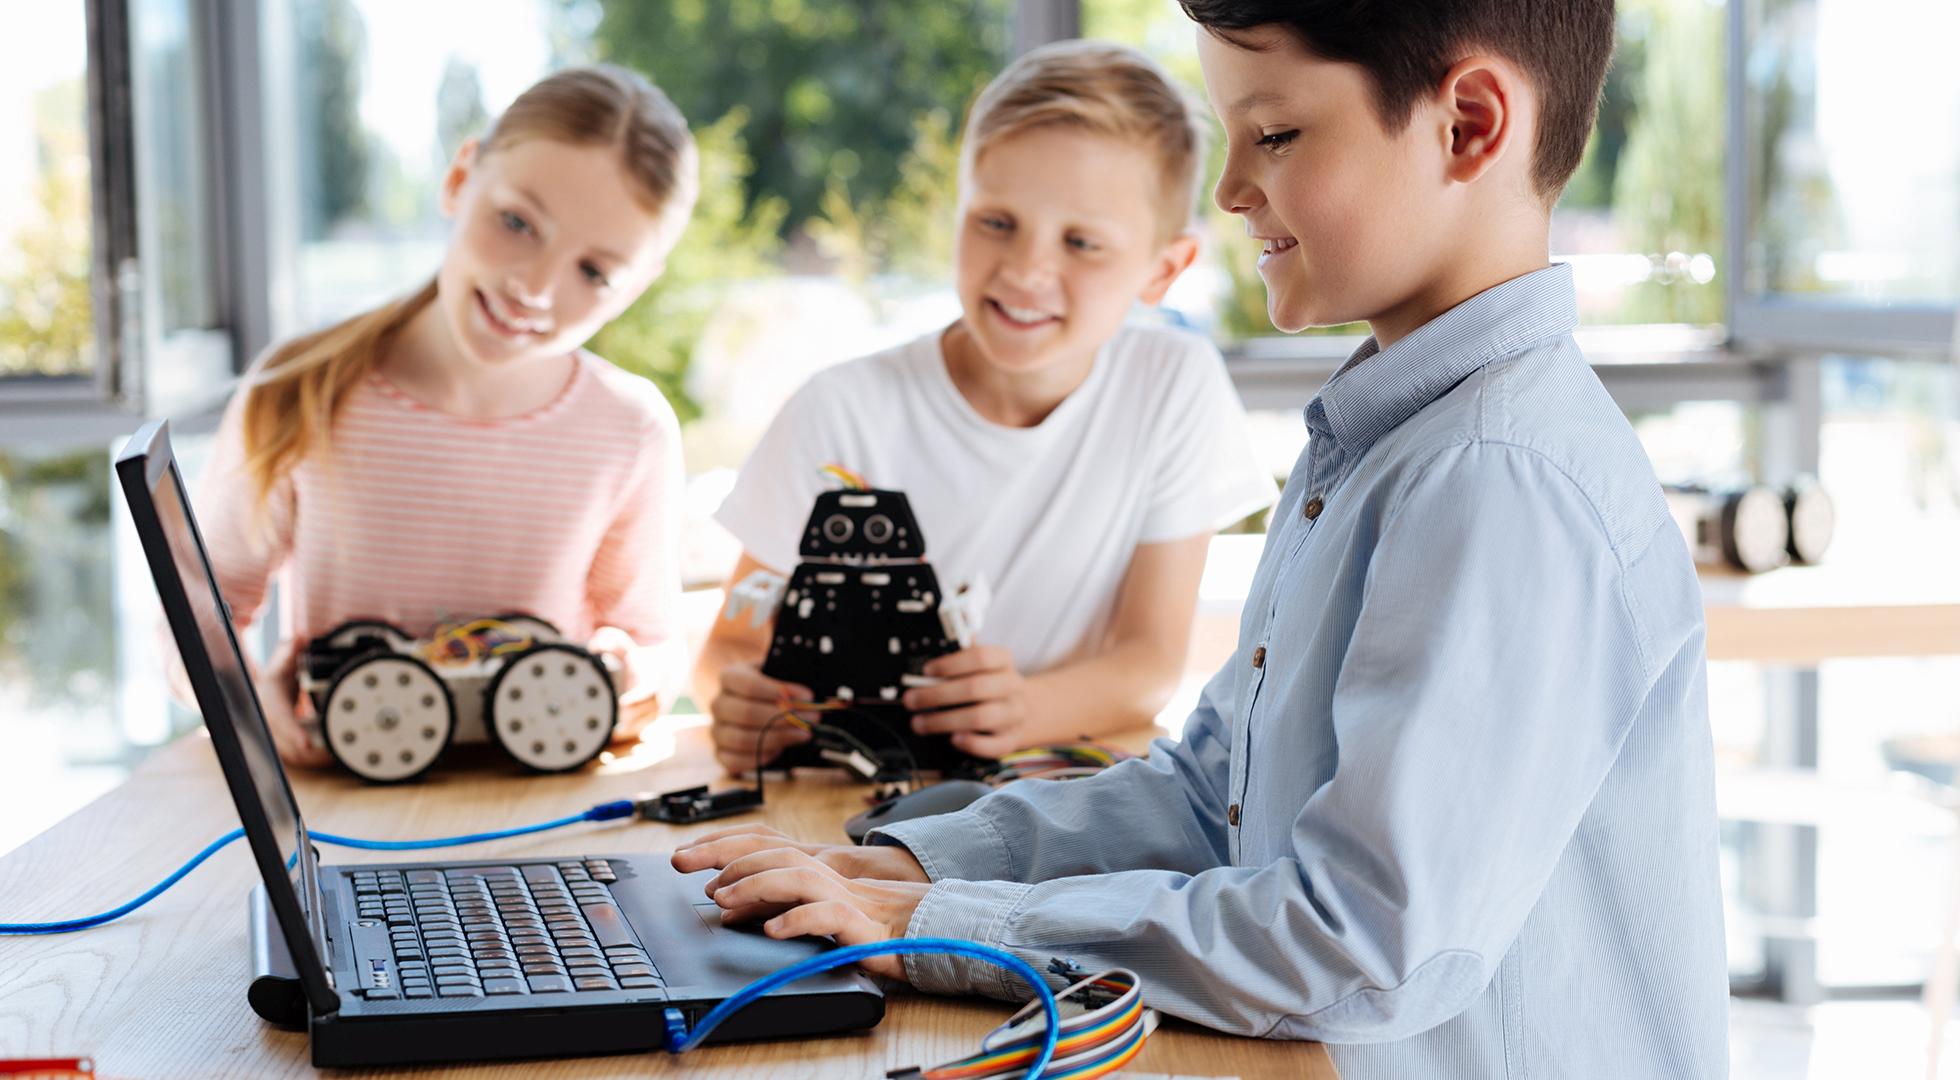 Bambini durante un laboratorio di robotica e programmazione